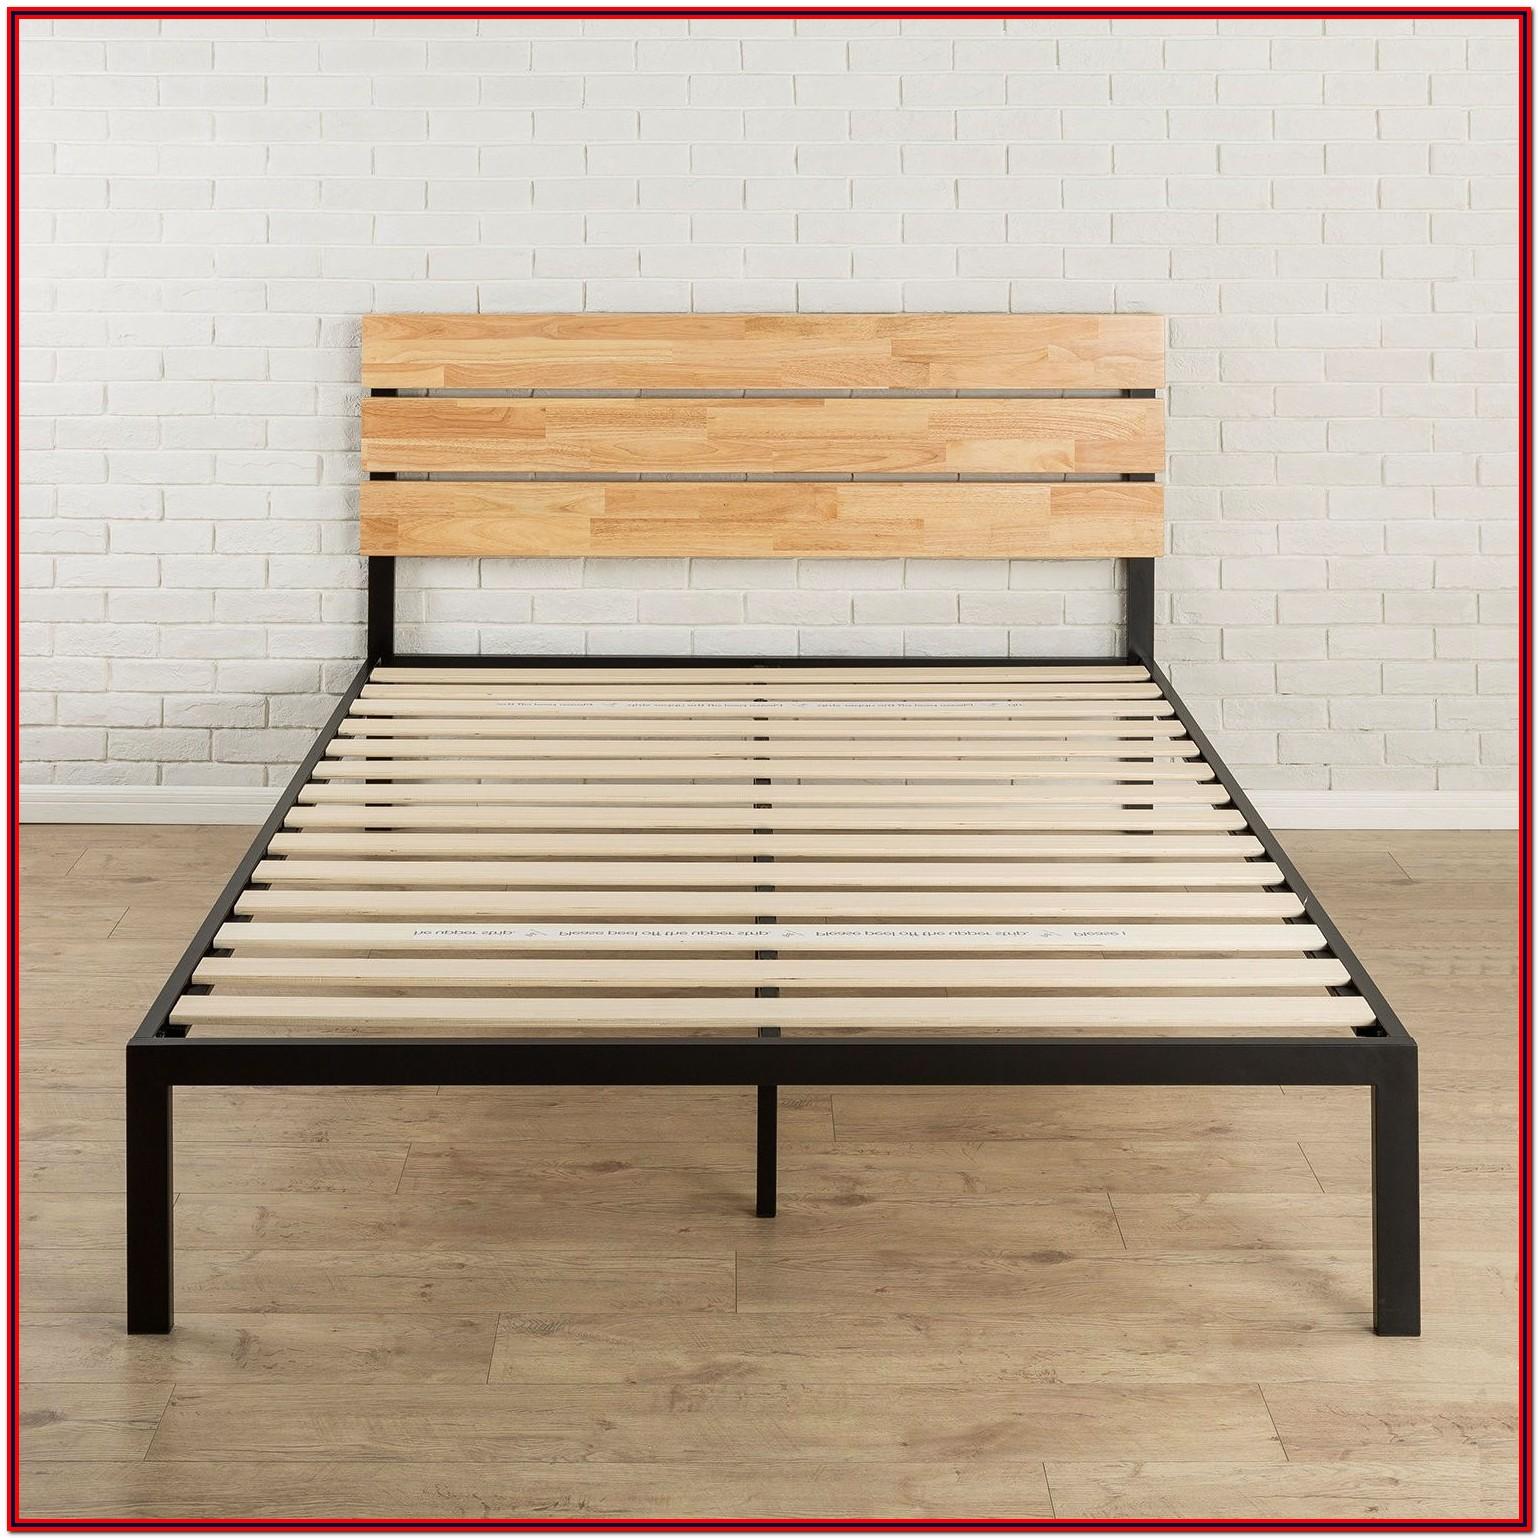 Full Size Metal Platform Bed Frame With Wood Slats